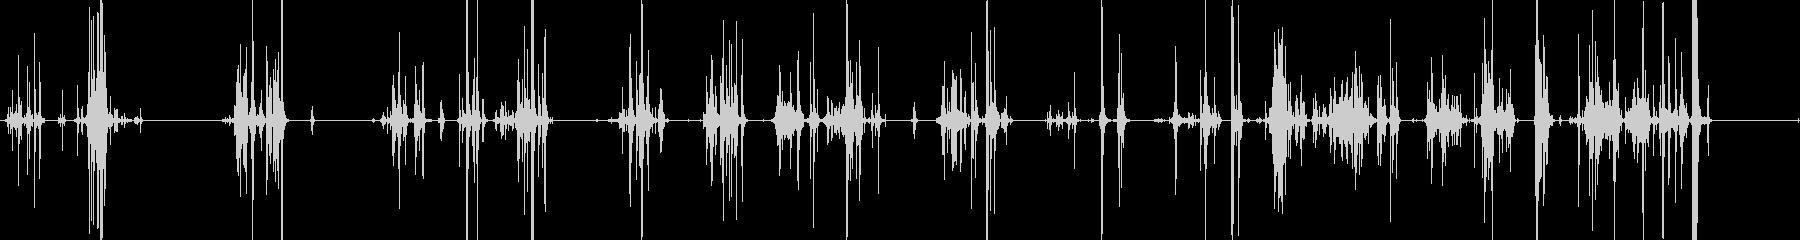 ガチャガチャ(金属音)の未再生の波形